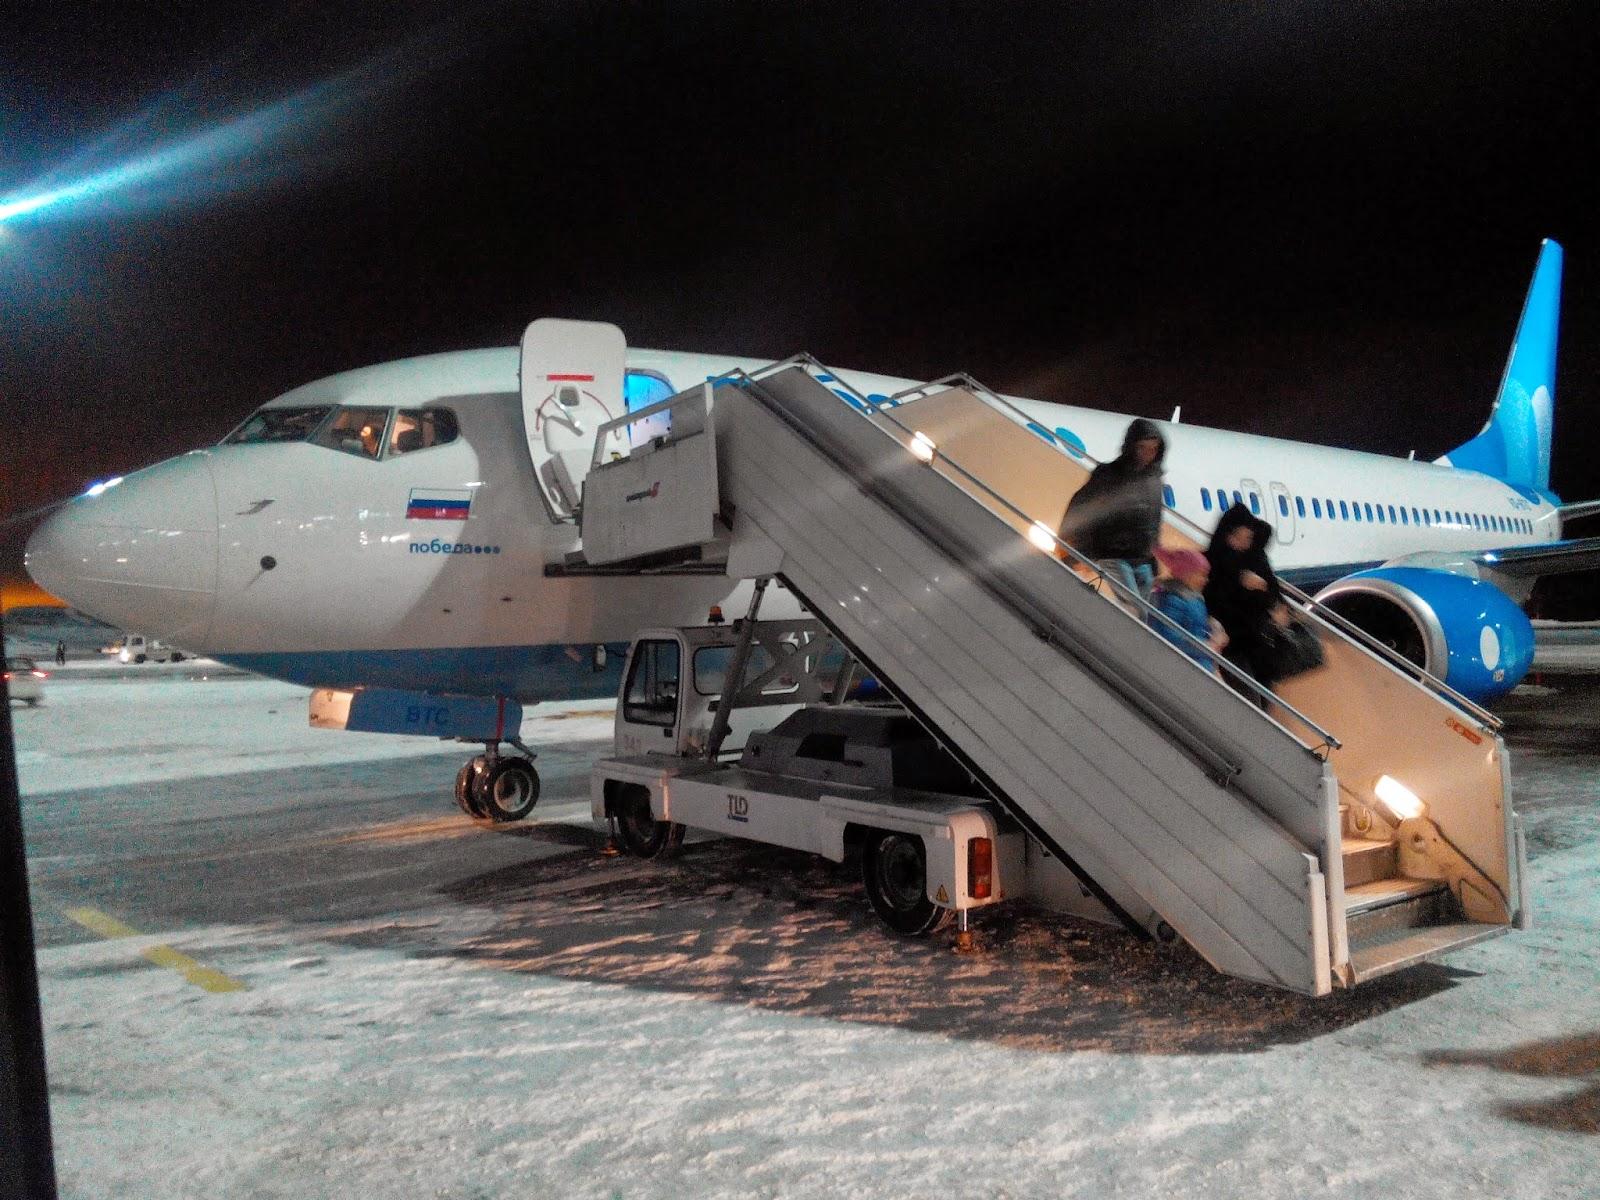 Победа Билеты – поиск дешевых авиабилетов